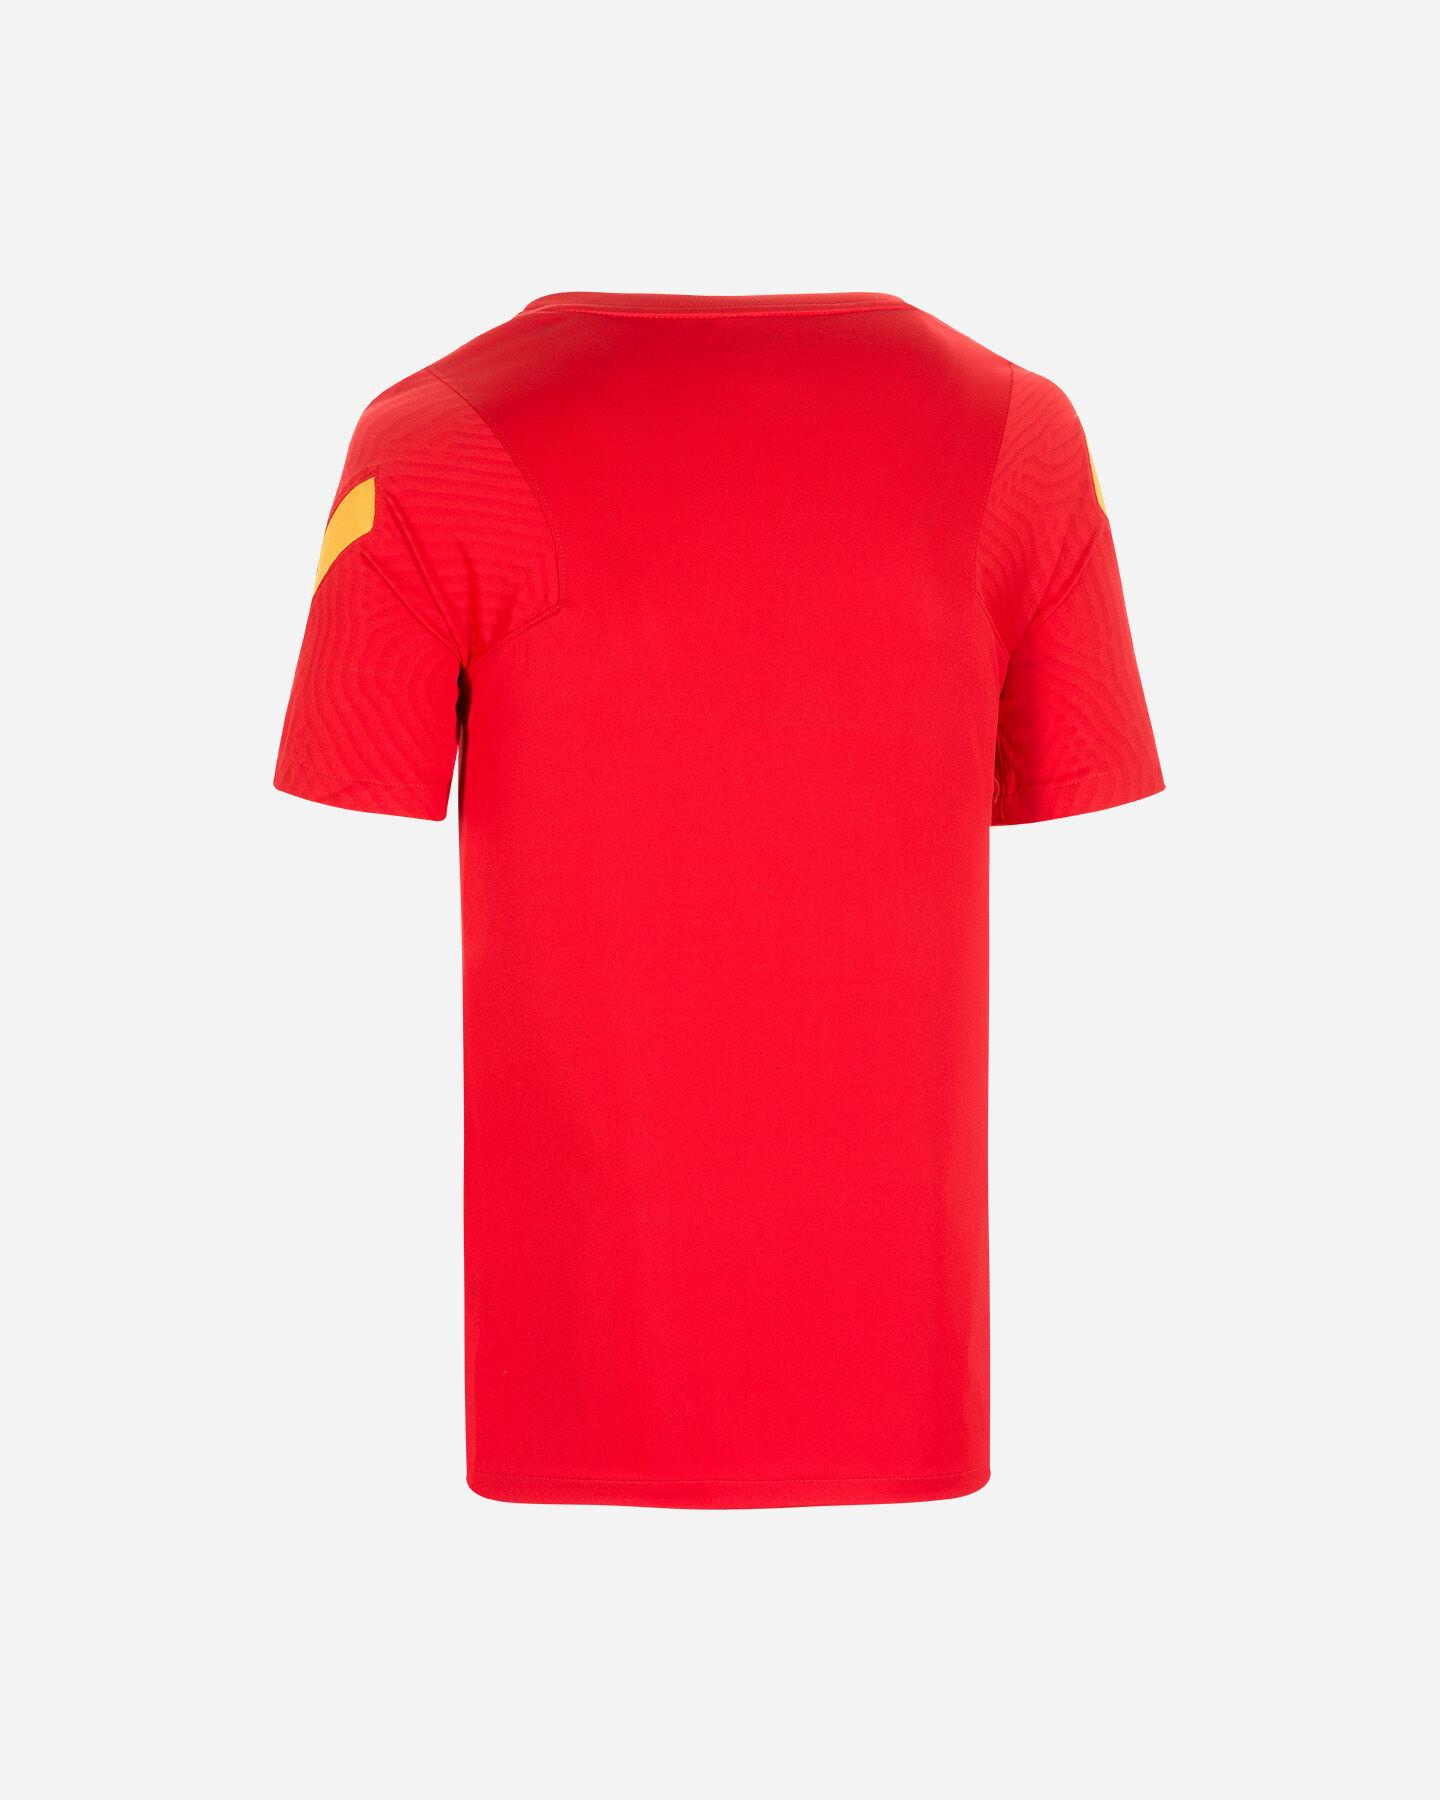 Abbigliamento calcio NIKE ROMA TRAINING 20-21 M S5195501 scatto 1